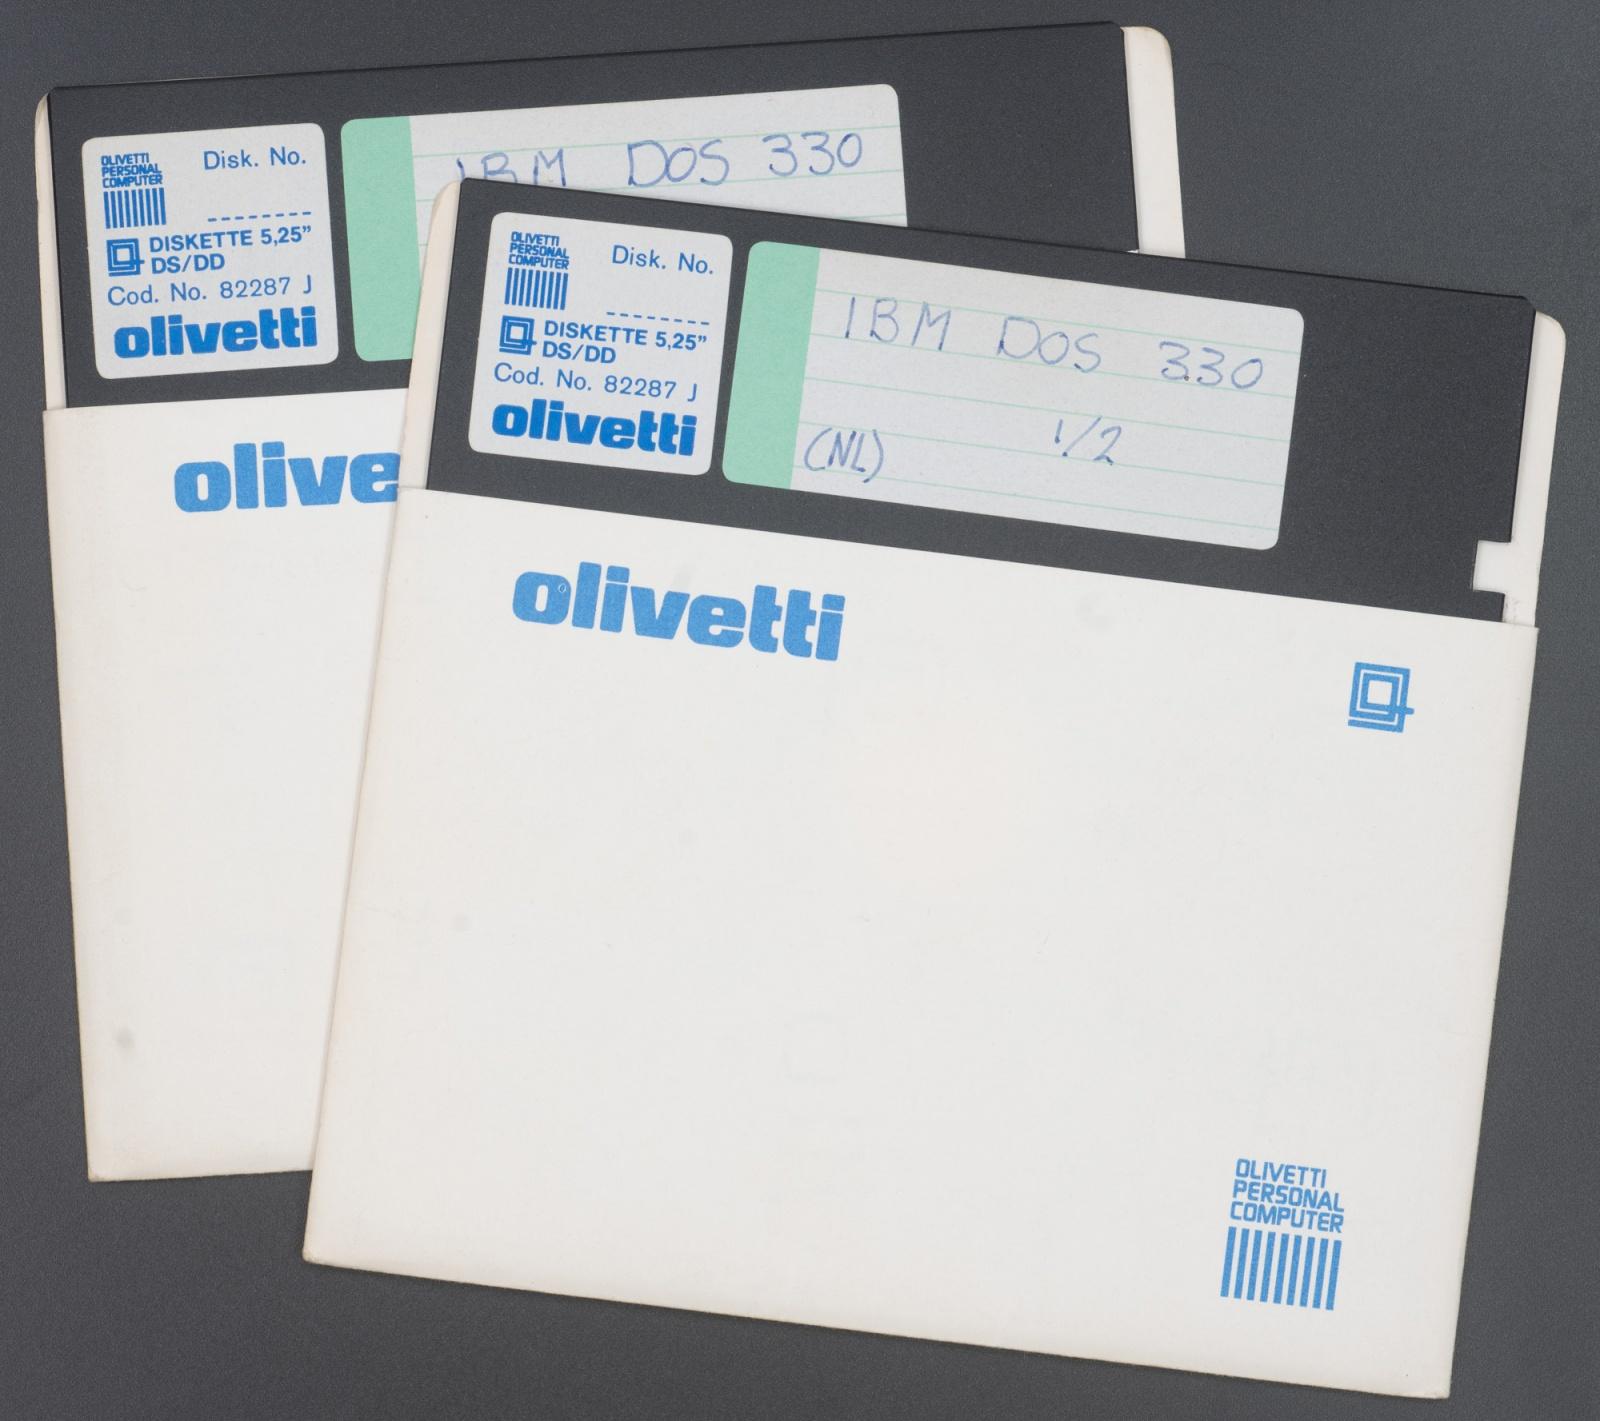 DISTR 3: софт с пятидюймовых дискет - 8